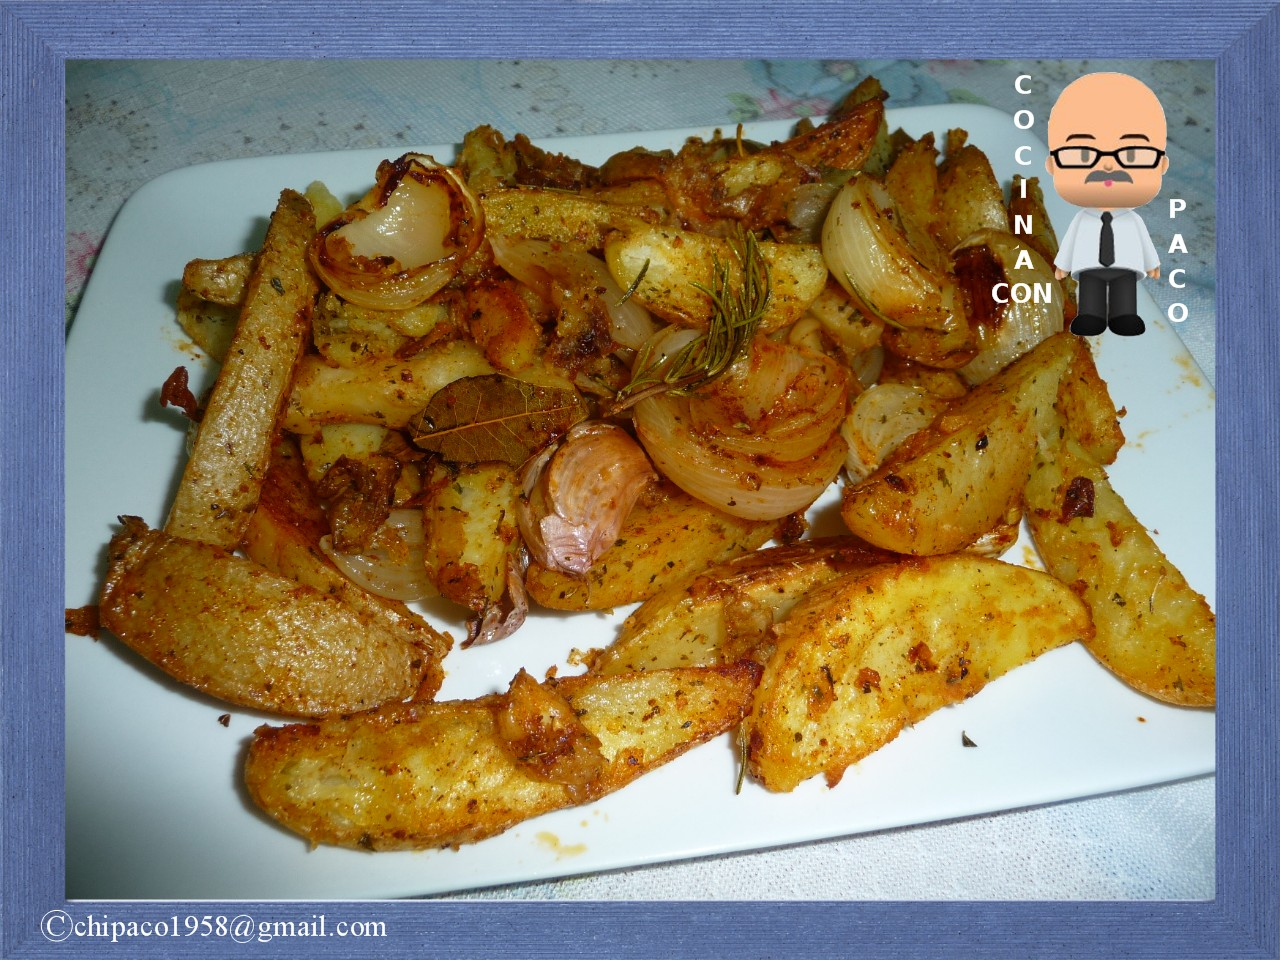 Cocina con paco patatas rusticas - Cocina con paco ...